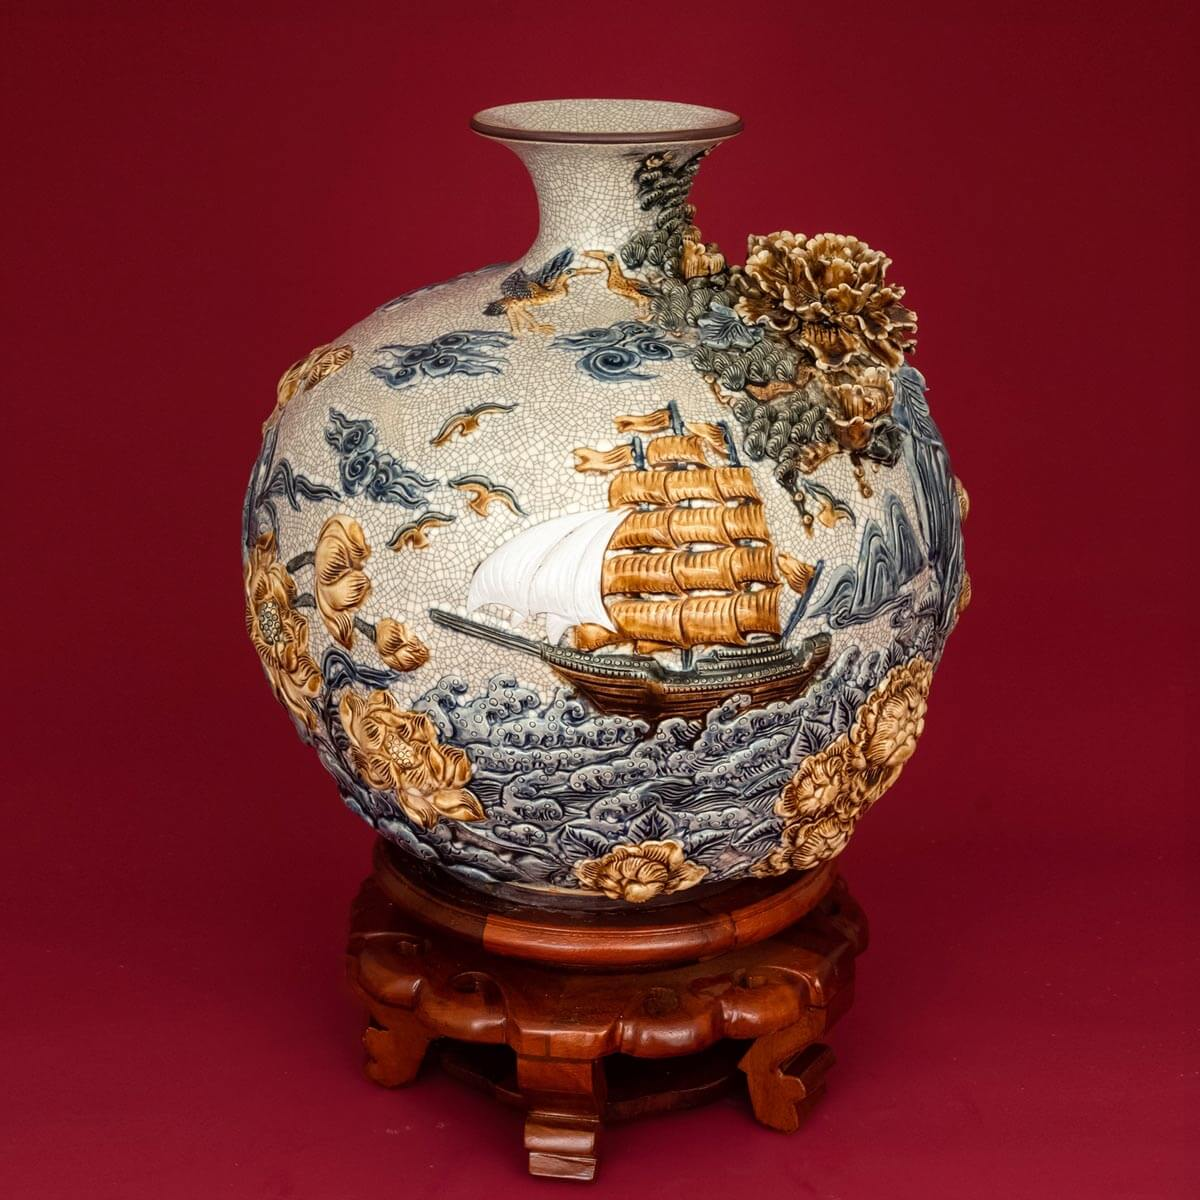 đồ phong thủy bằng gốm sứ